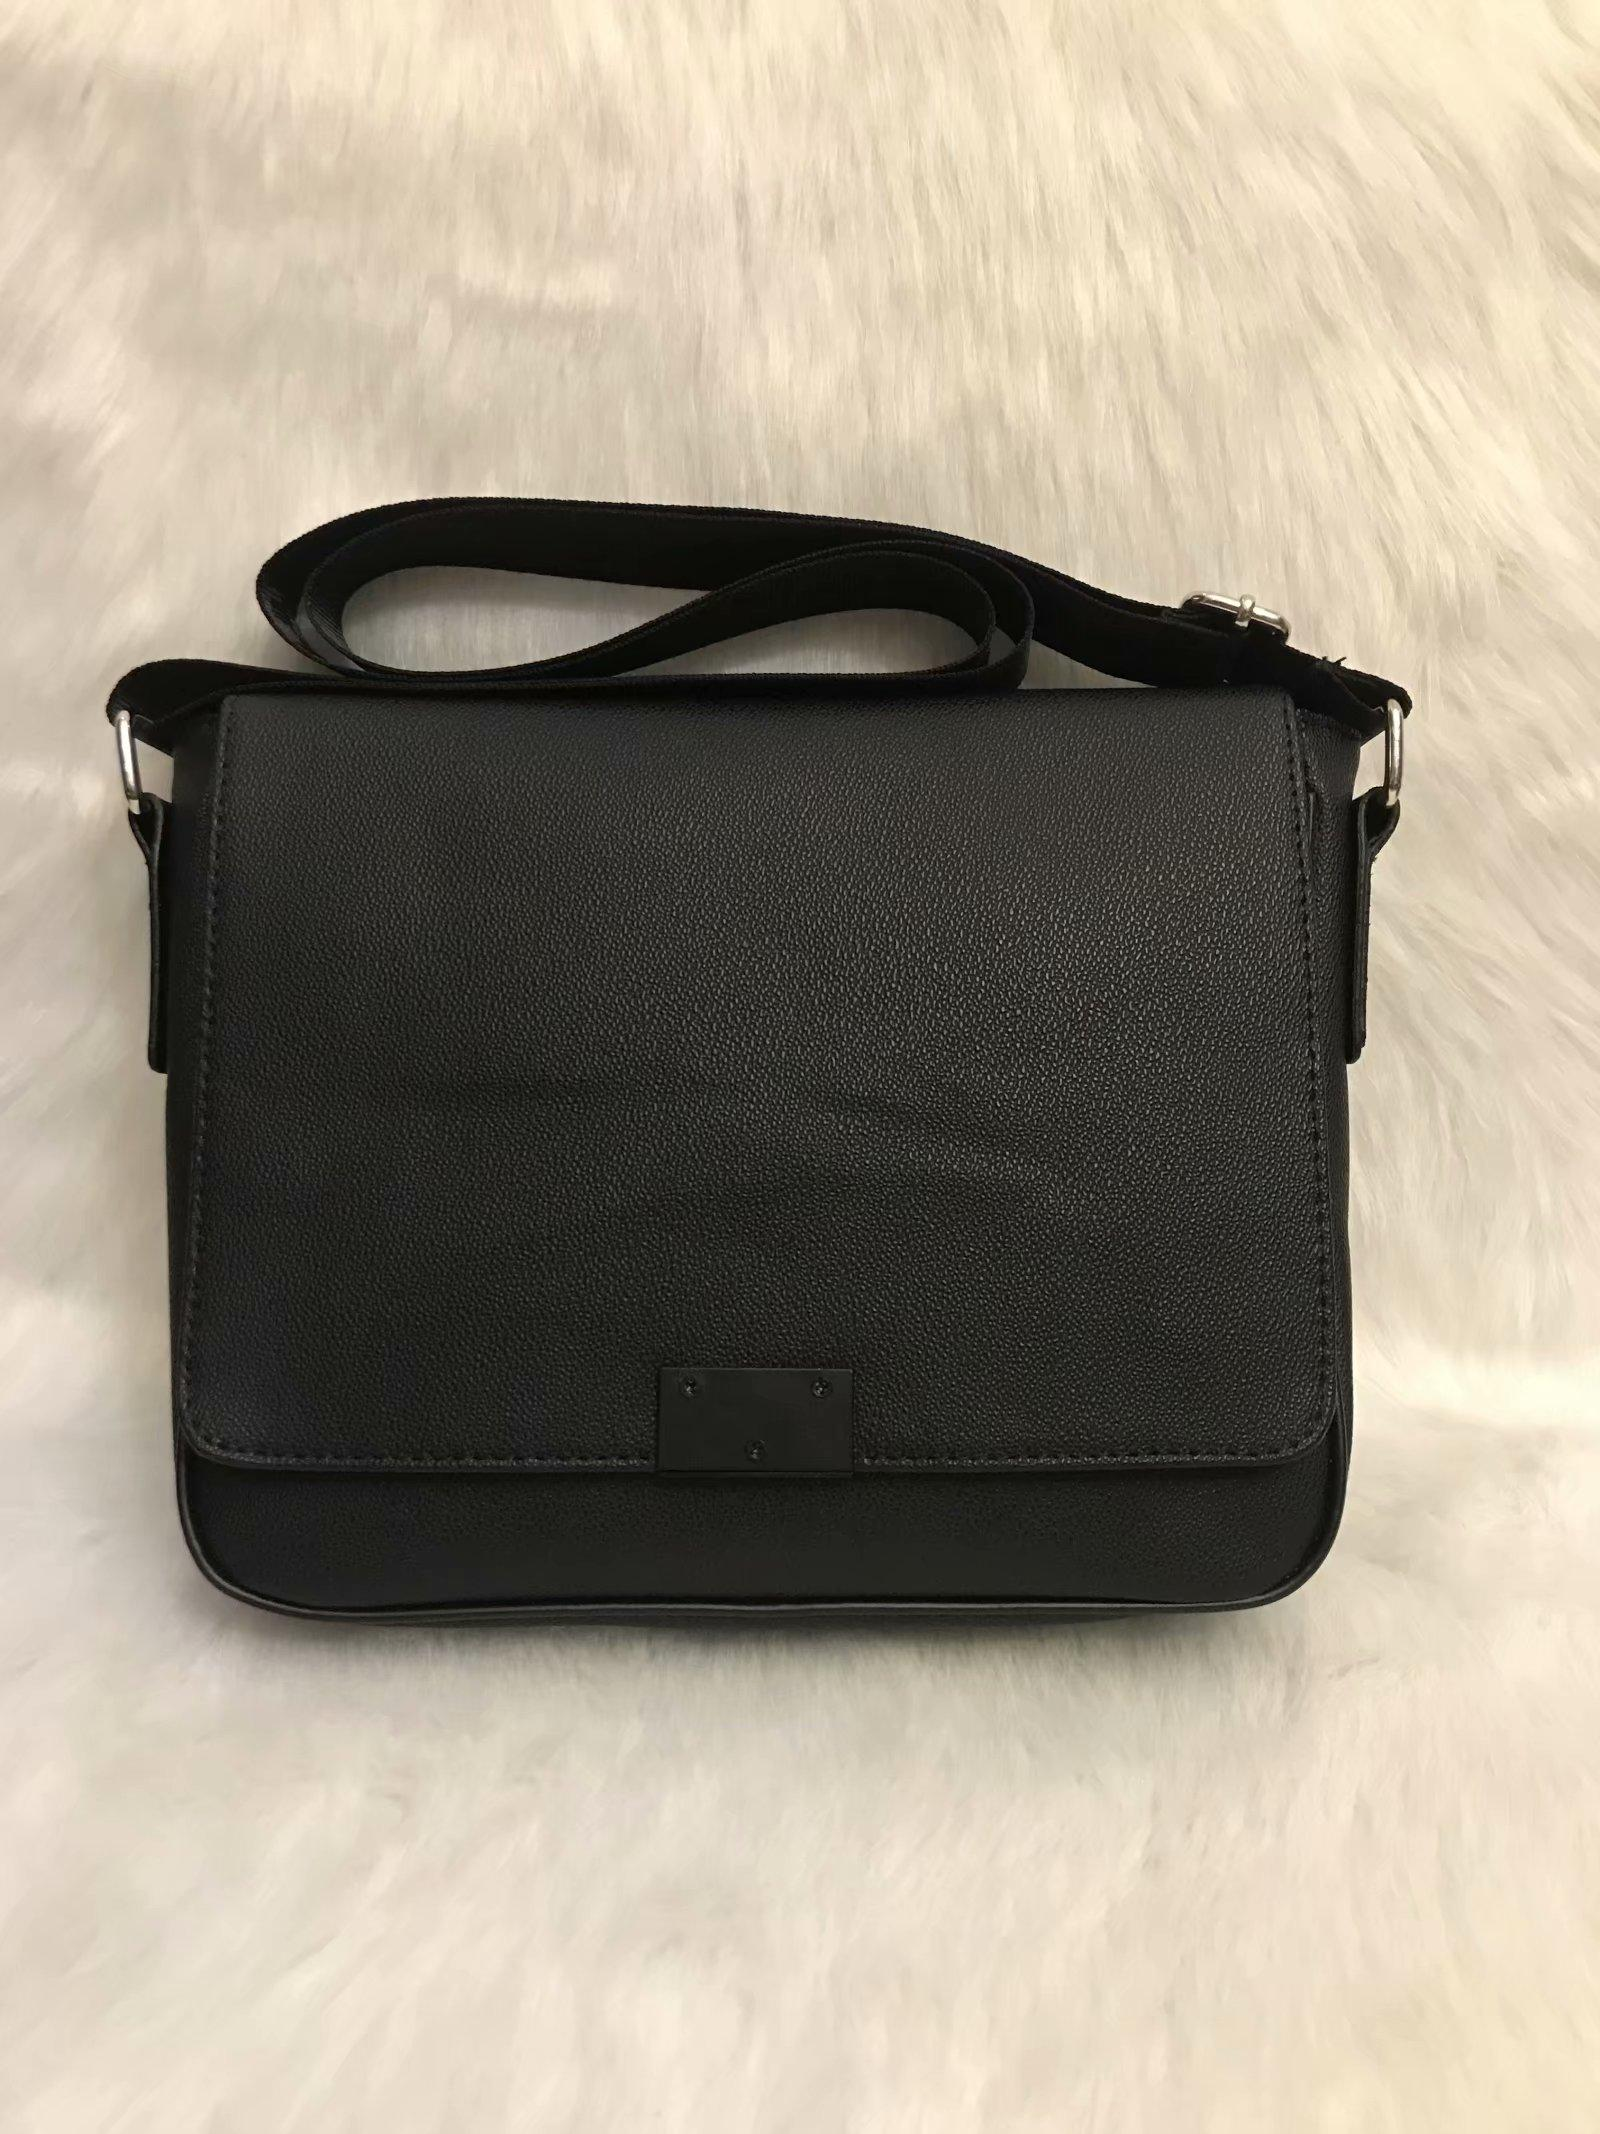 2020 مصمم الصليب الجسم الرجال بو الجلود حقيبة يد سوداء حقيبة براون الحاسوب المحمول كتف حقيبة رسول حقيبة 28CM